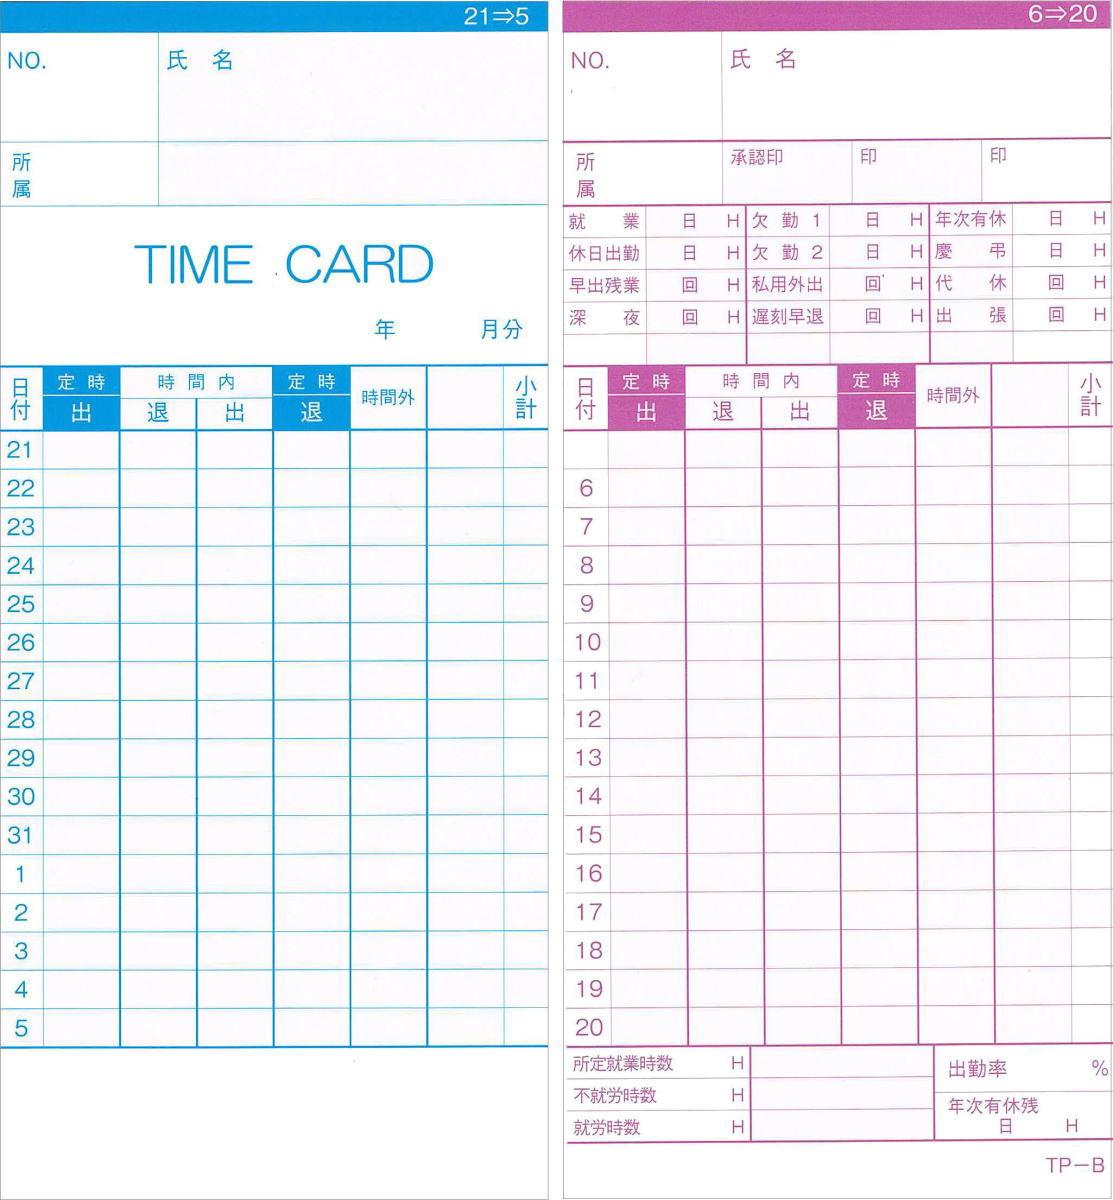 【あす楽対応】【在庫豊富】アマノ標準タイムレコーダー用タイムカード(20日・5日締用 Bカード対応)TP-B【BX・CRX・DX・EXシリーズ等】延長保証のアマノタイム専門館